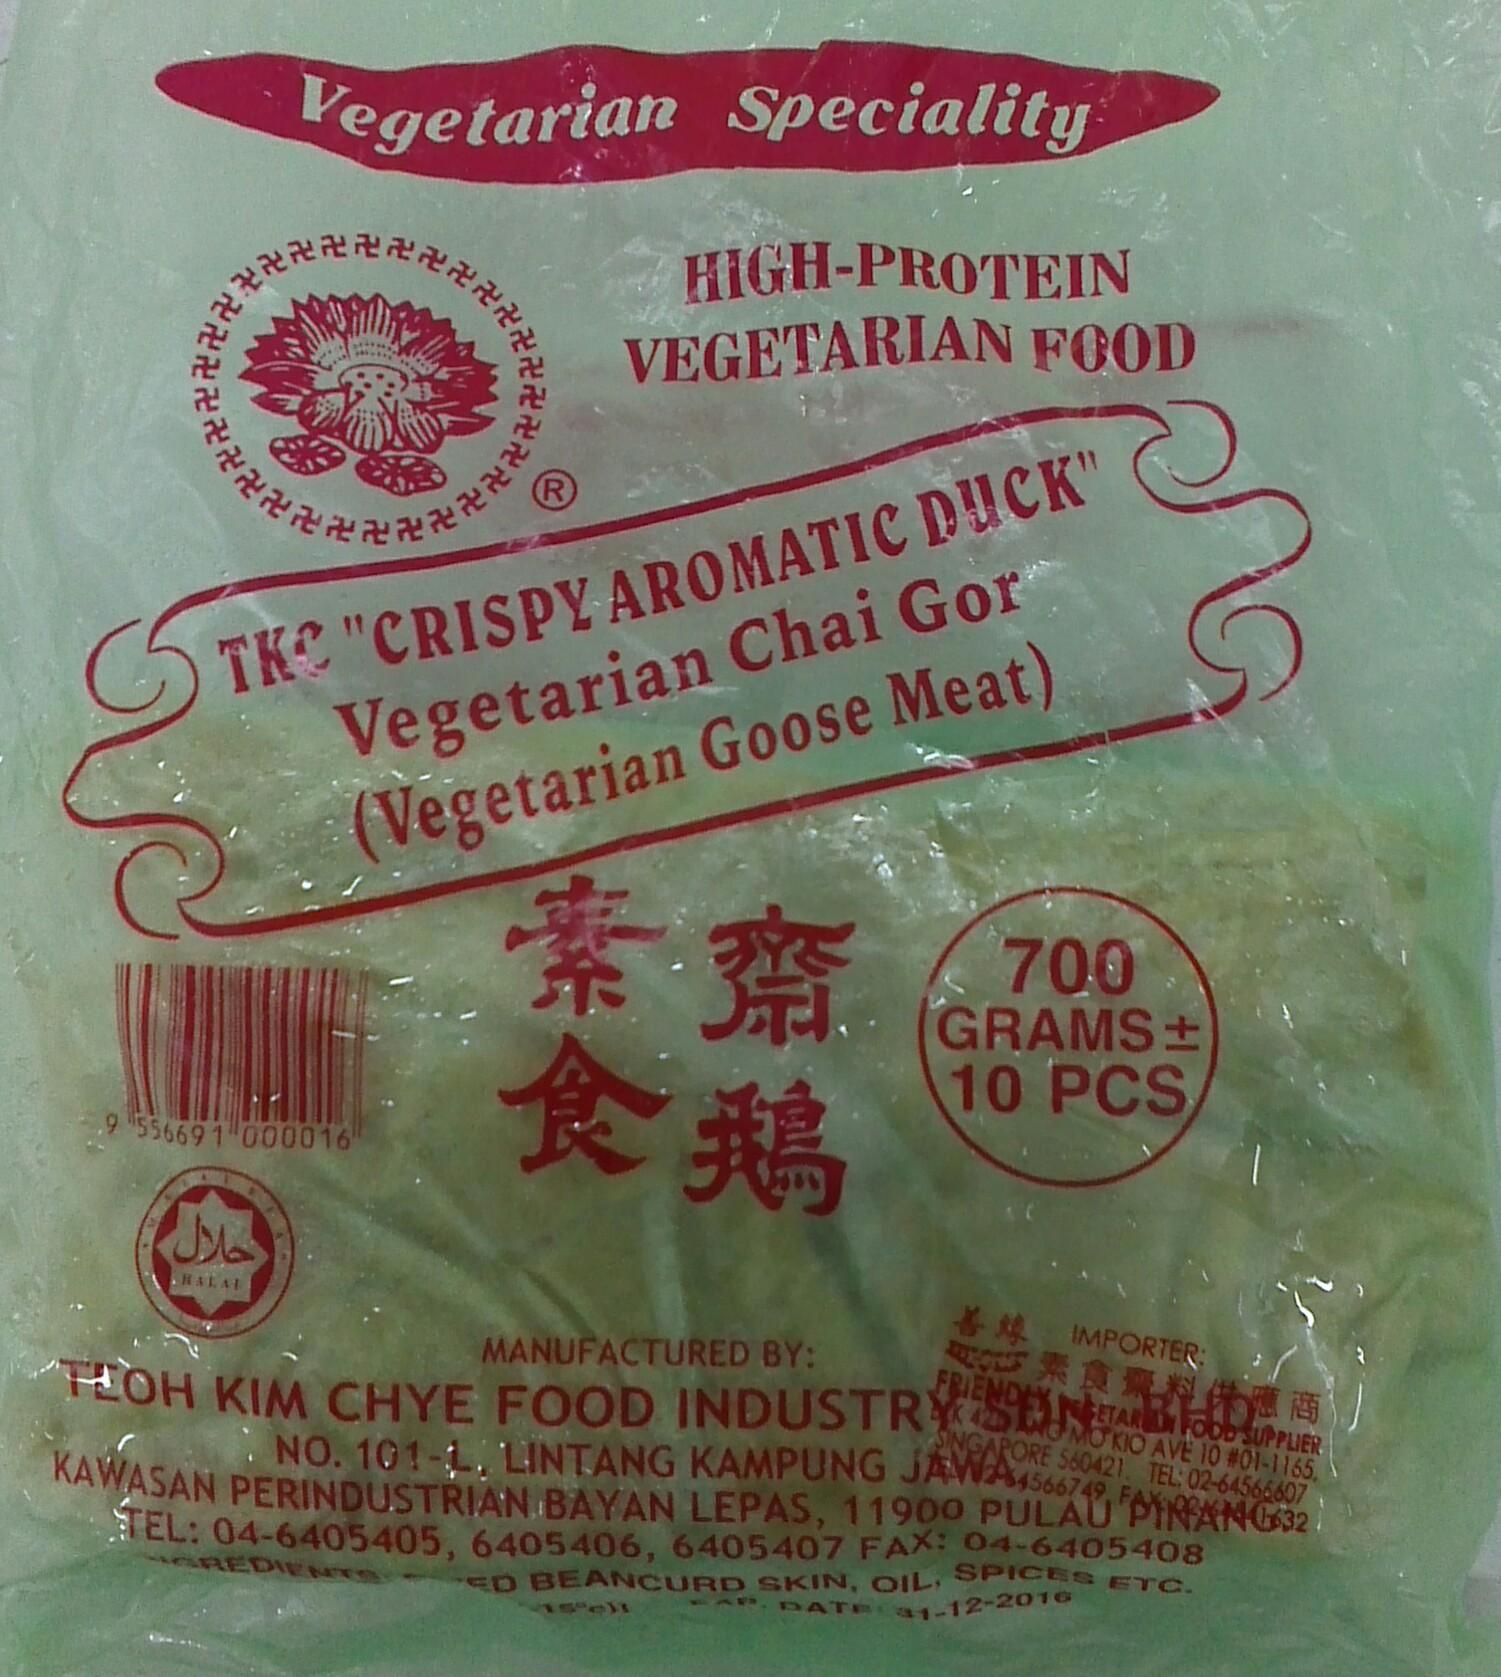 Image Chai Gor Vegetarian Goose 张锦财 - 斋鹅 (10 pieces) 700grams